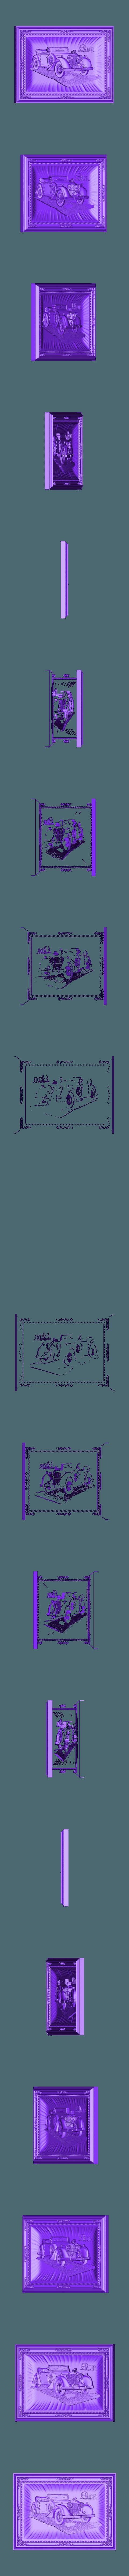 146.stl Télécharger fichier STL gratuit Bergmeister voiture d'époque vieux routeur cnc • Modèle à imprimer en 3D, CNC_file_and_3D_Printing